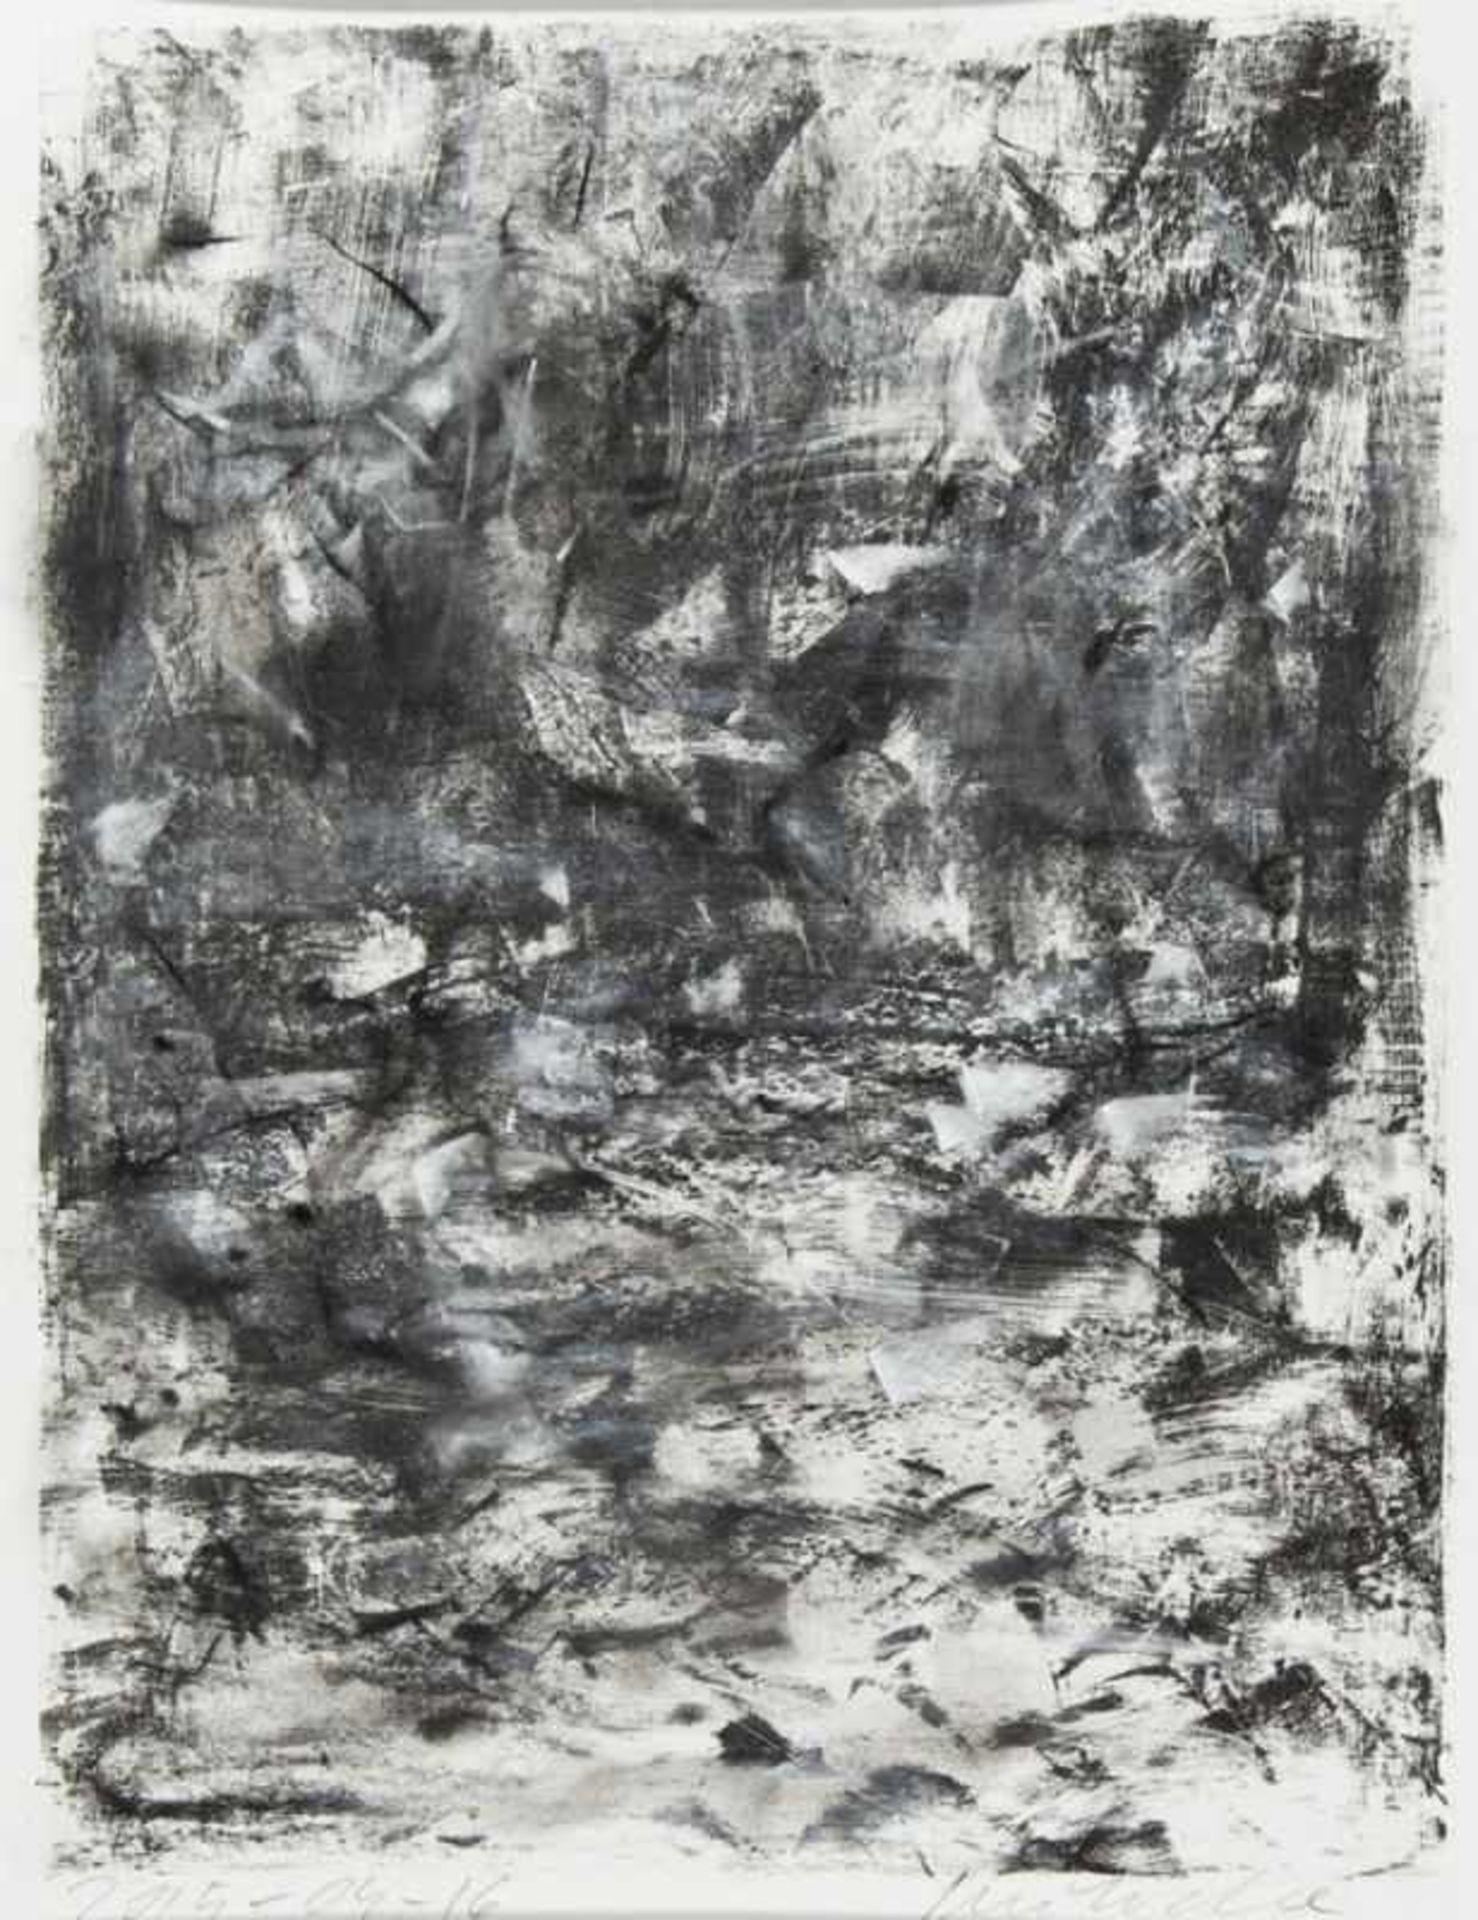 Los 56 - HELMUT SWOBODA(1958 AMSTETTEN)KLAMM, 2015Lithografie mit Pastell, Plattengröße: 34 x 25,5 cmgerahmt,